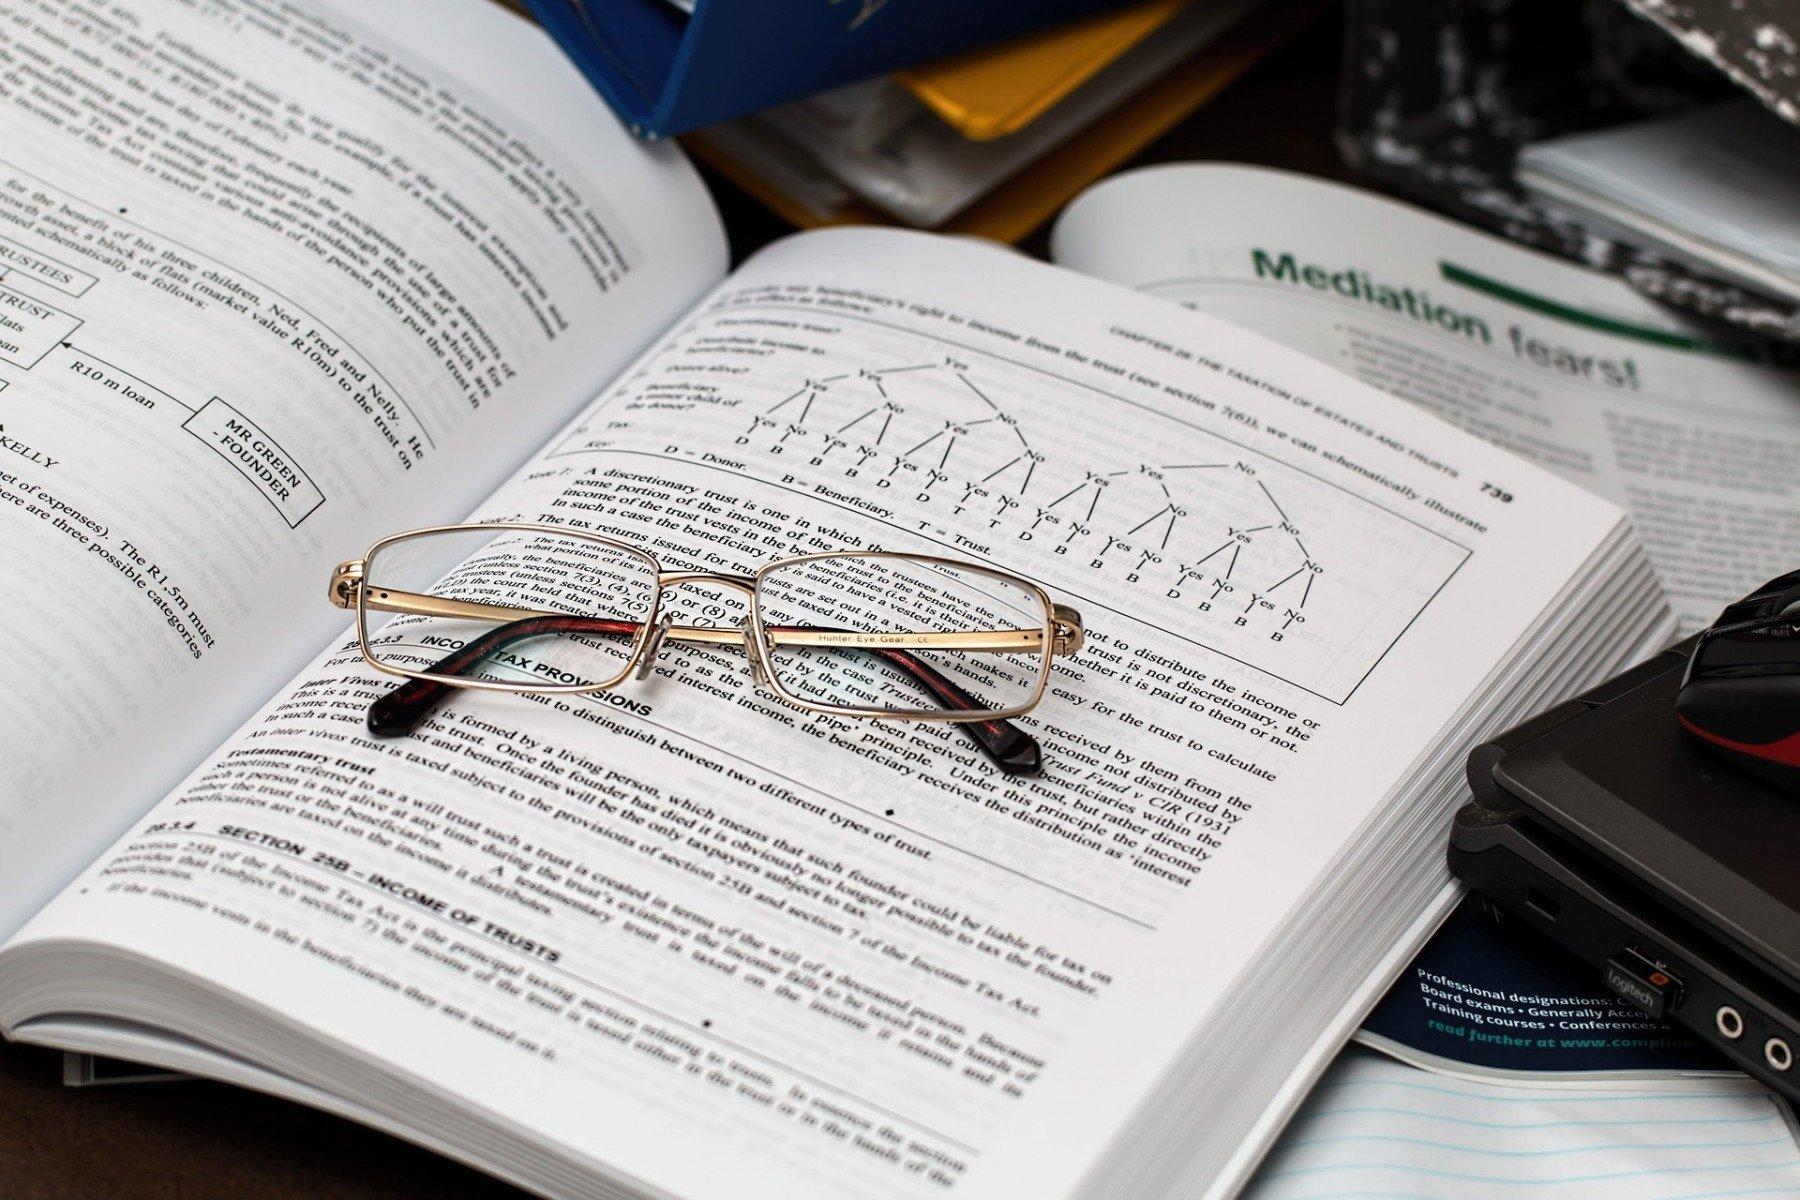 En uppslagen ekonomibok med ett par läsglasögon som vilar på den.